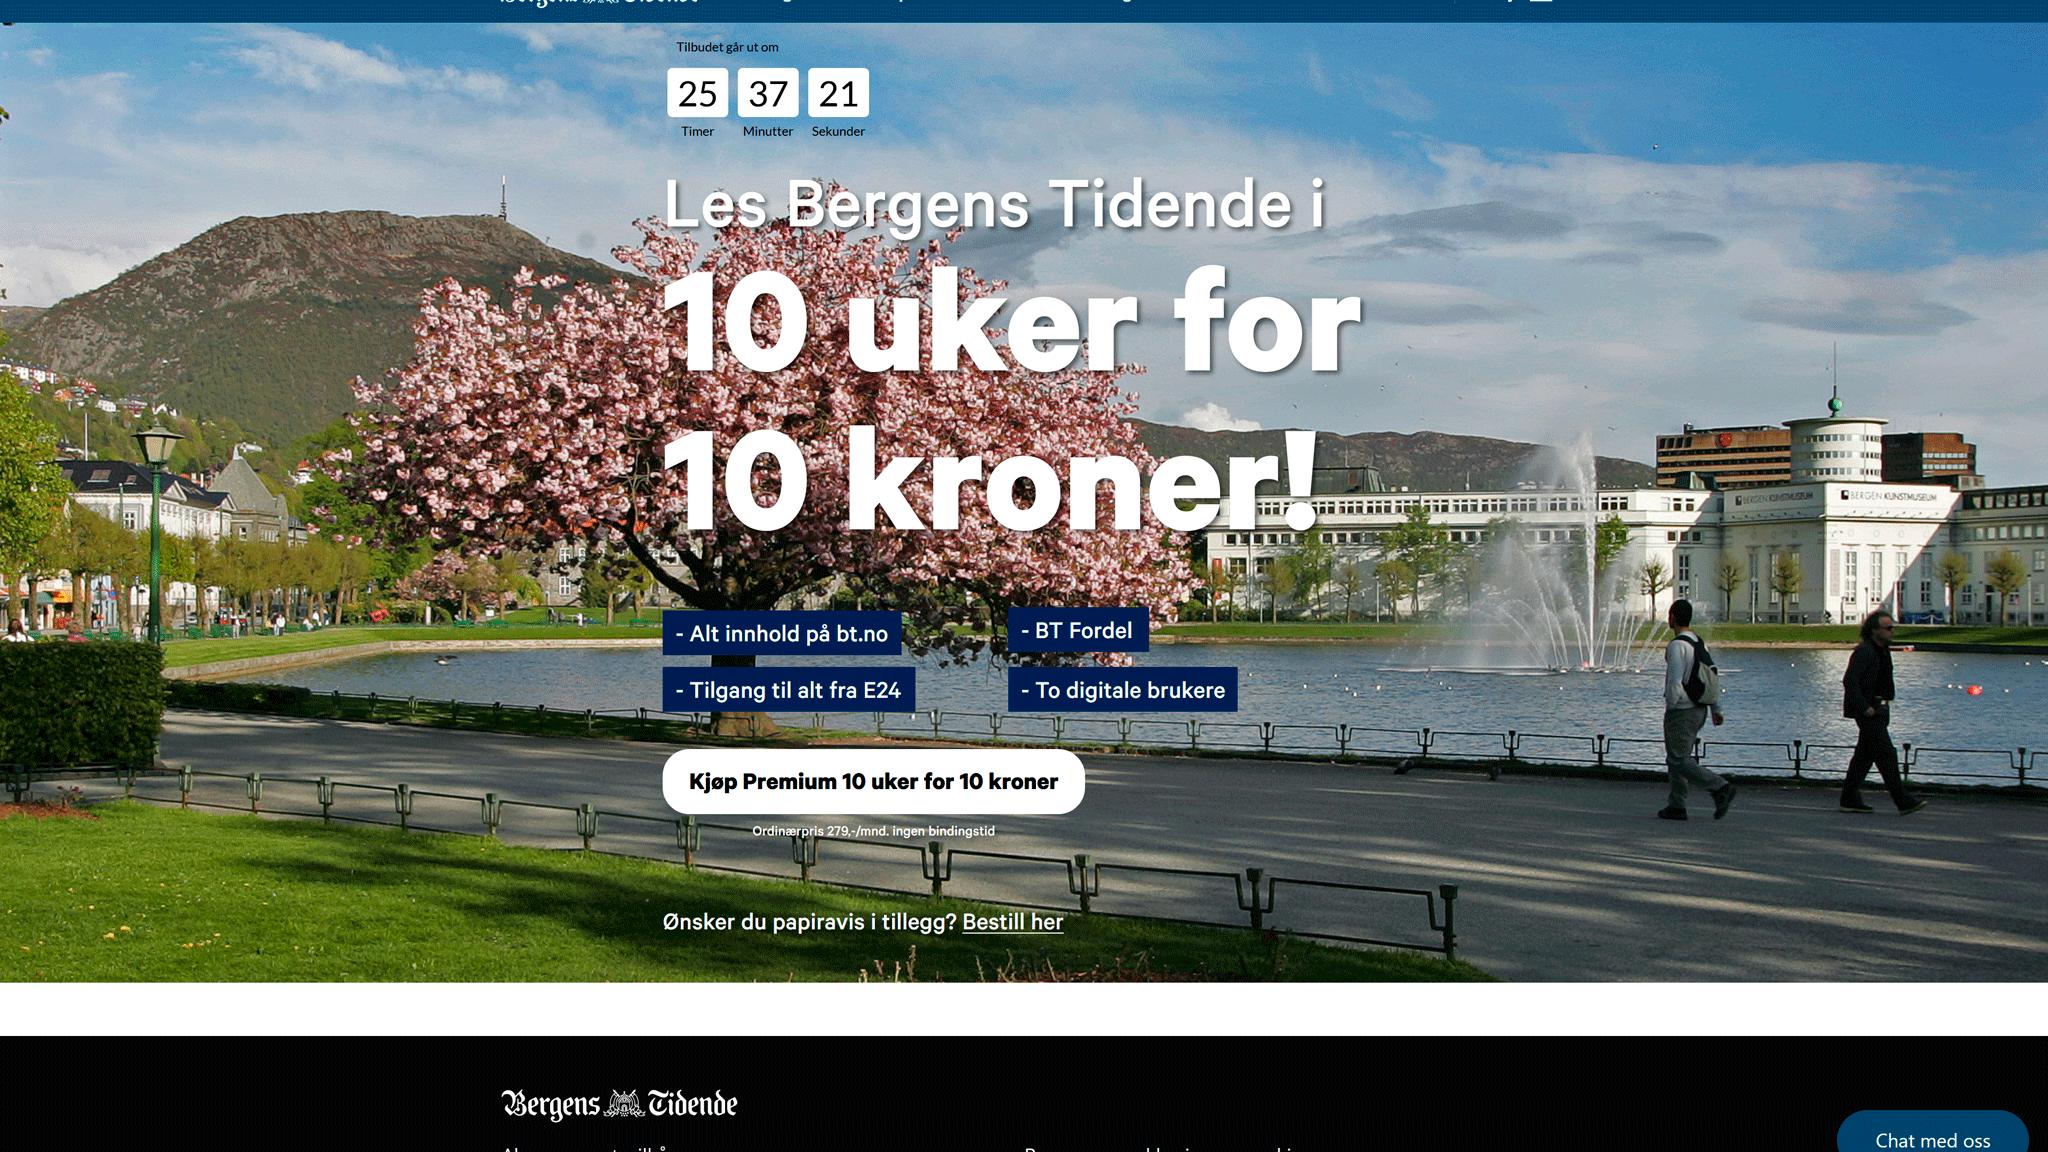 Пример Bergens Tidende наглядно иллюстрирует подход компании к формированию предложений по подписке: базовый доступ, премиальный доступ и семейный продукт